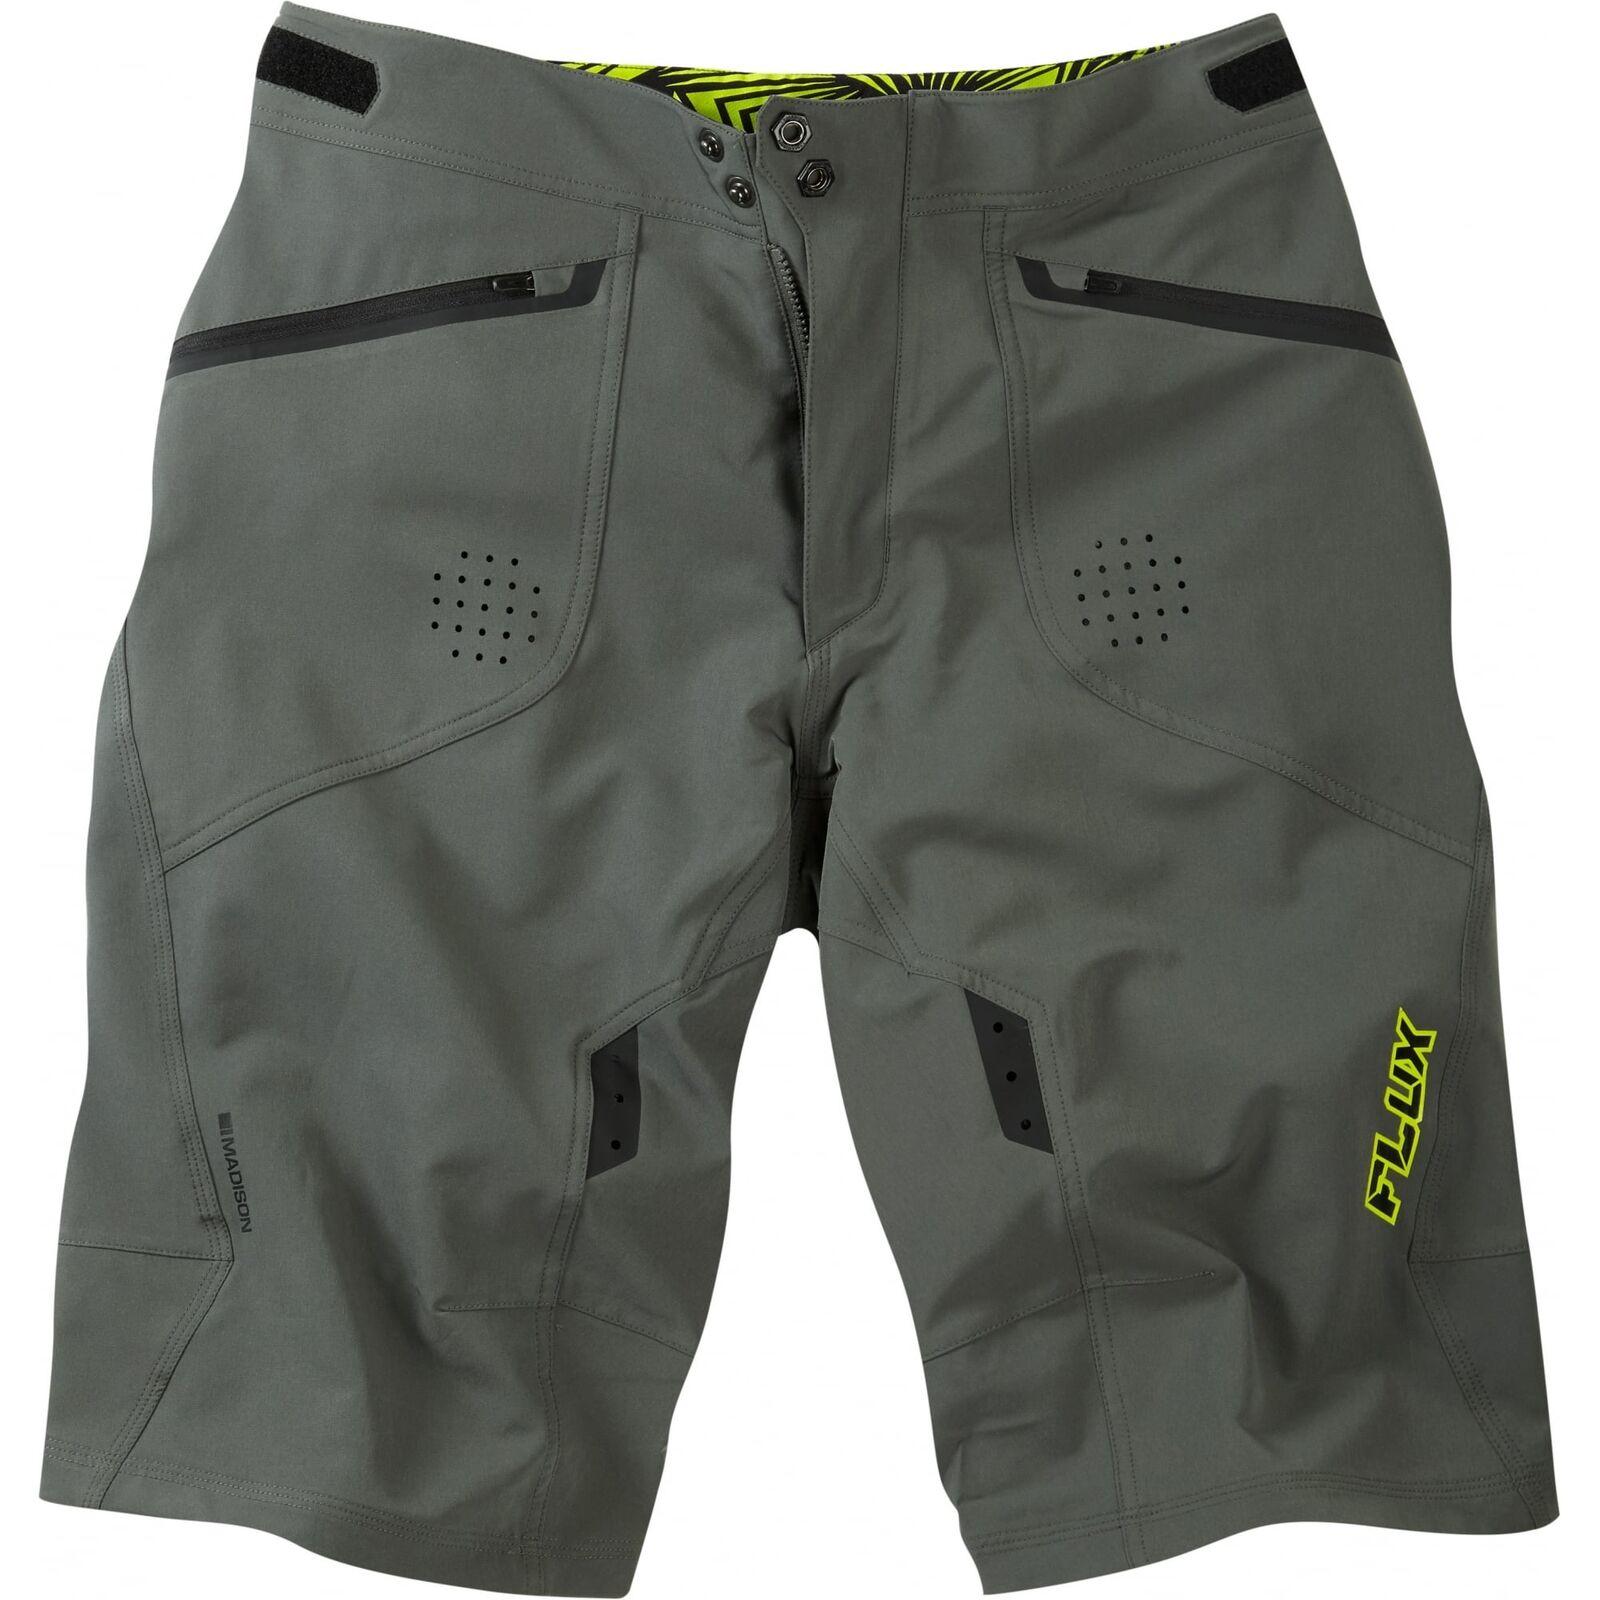 Madison Madison Flux Men's Shorts